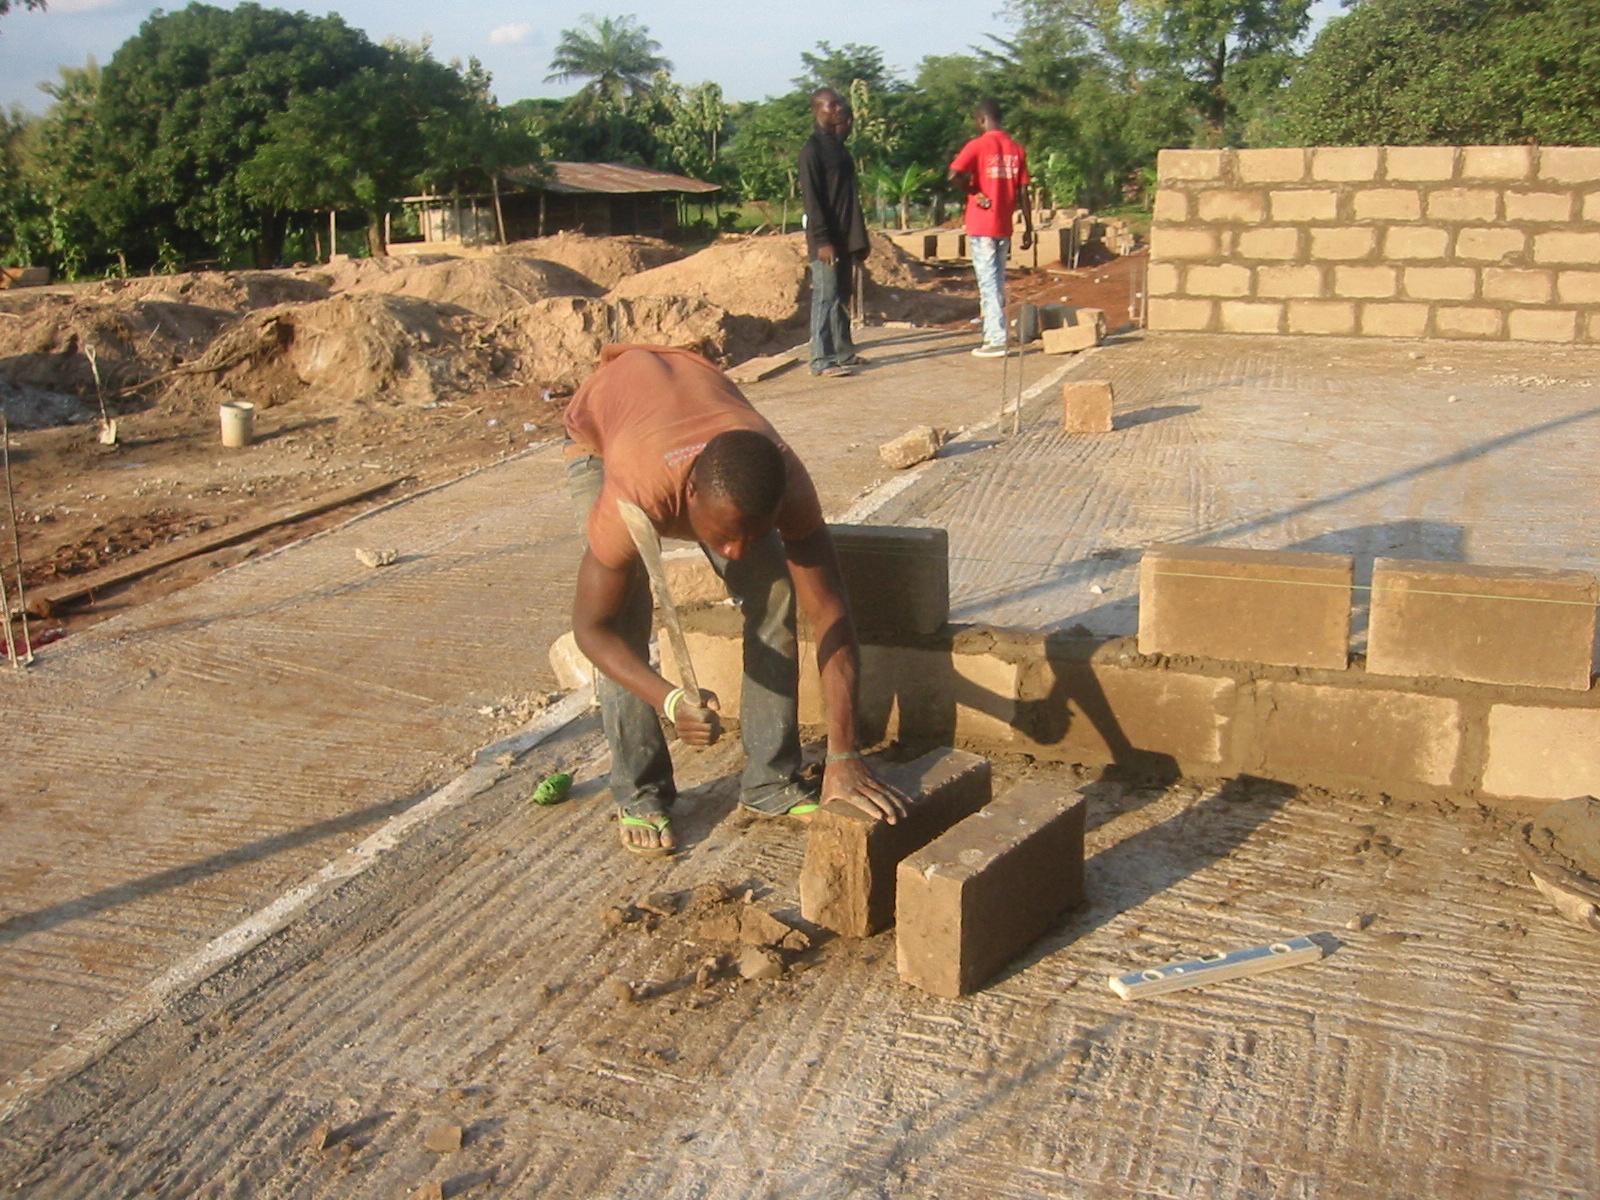 Asf en ghana 9 muros de bloques - Muro de bloques ...